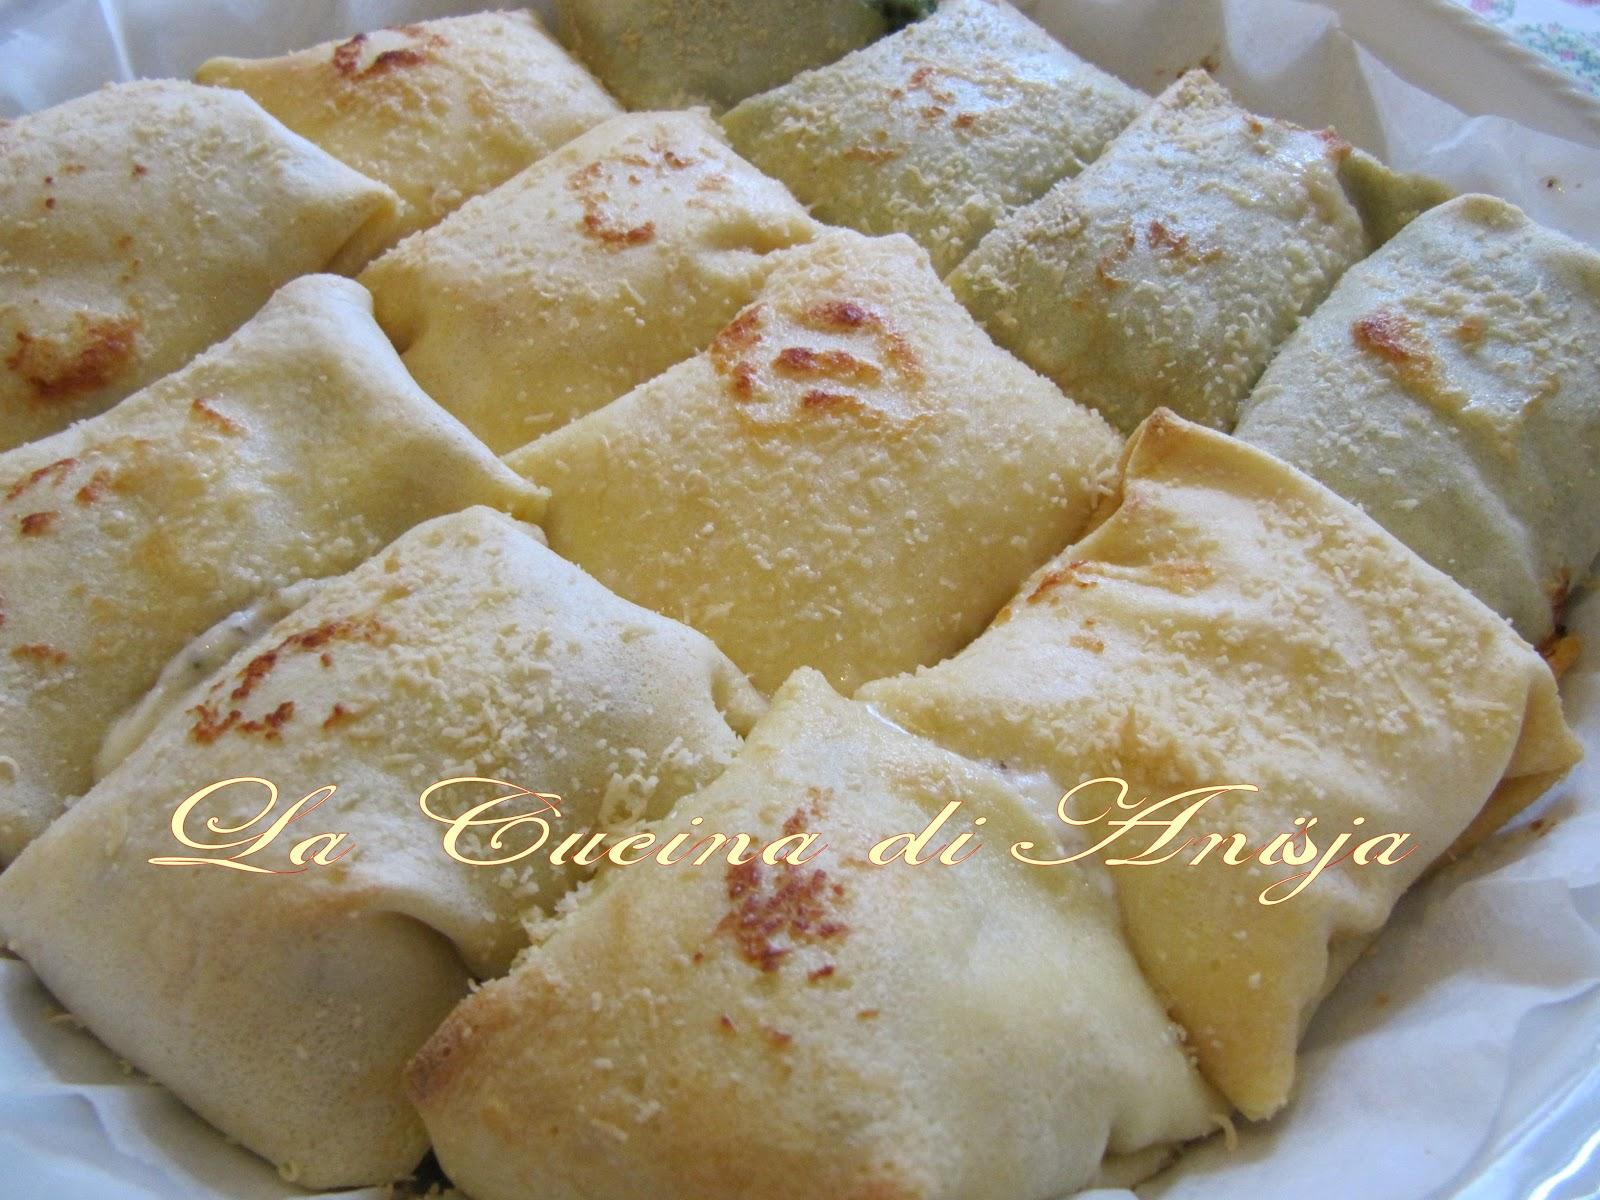 La cucina di anisja fagottini di crespelle al forno for Primi piatti leggeri